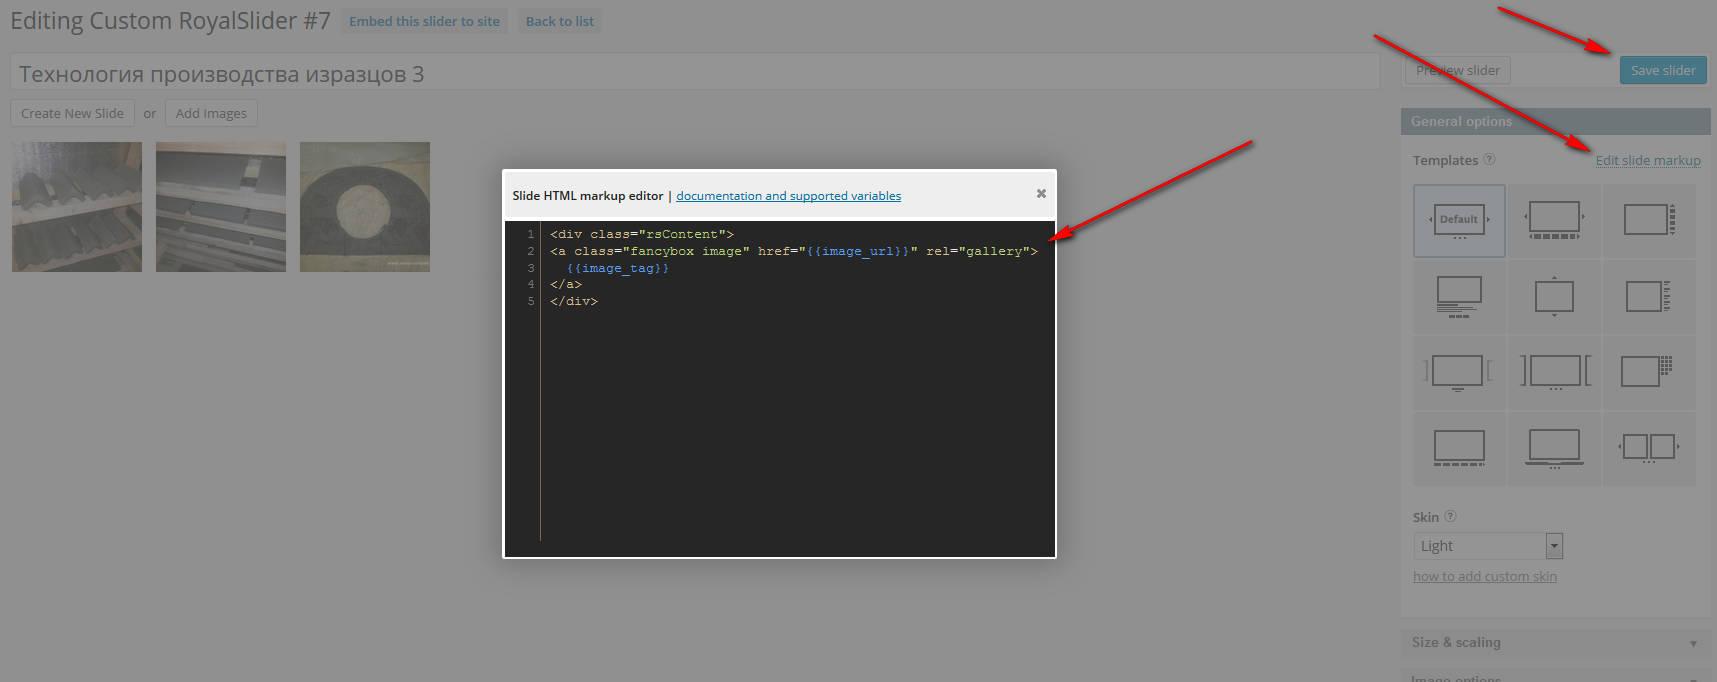 Как сделать открытие картинок из слайдера RoyalSlider для WP в pop-up